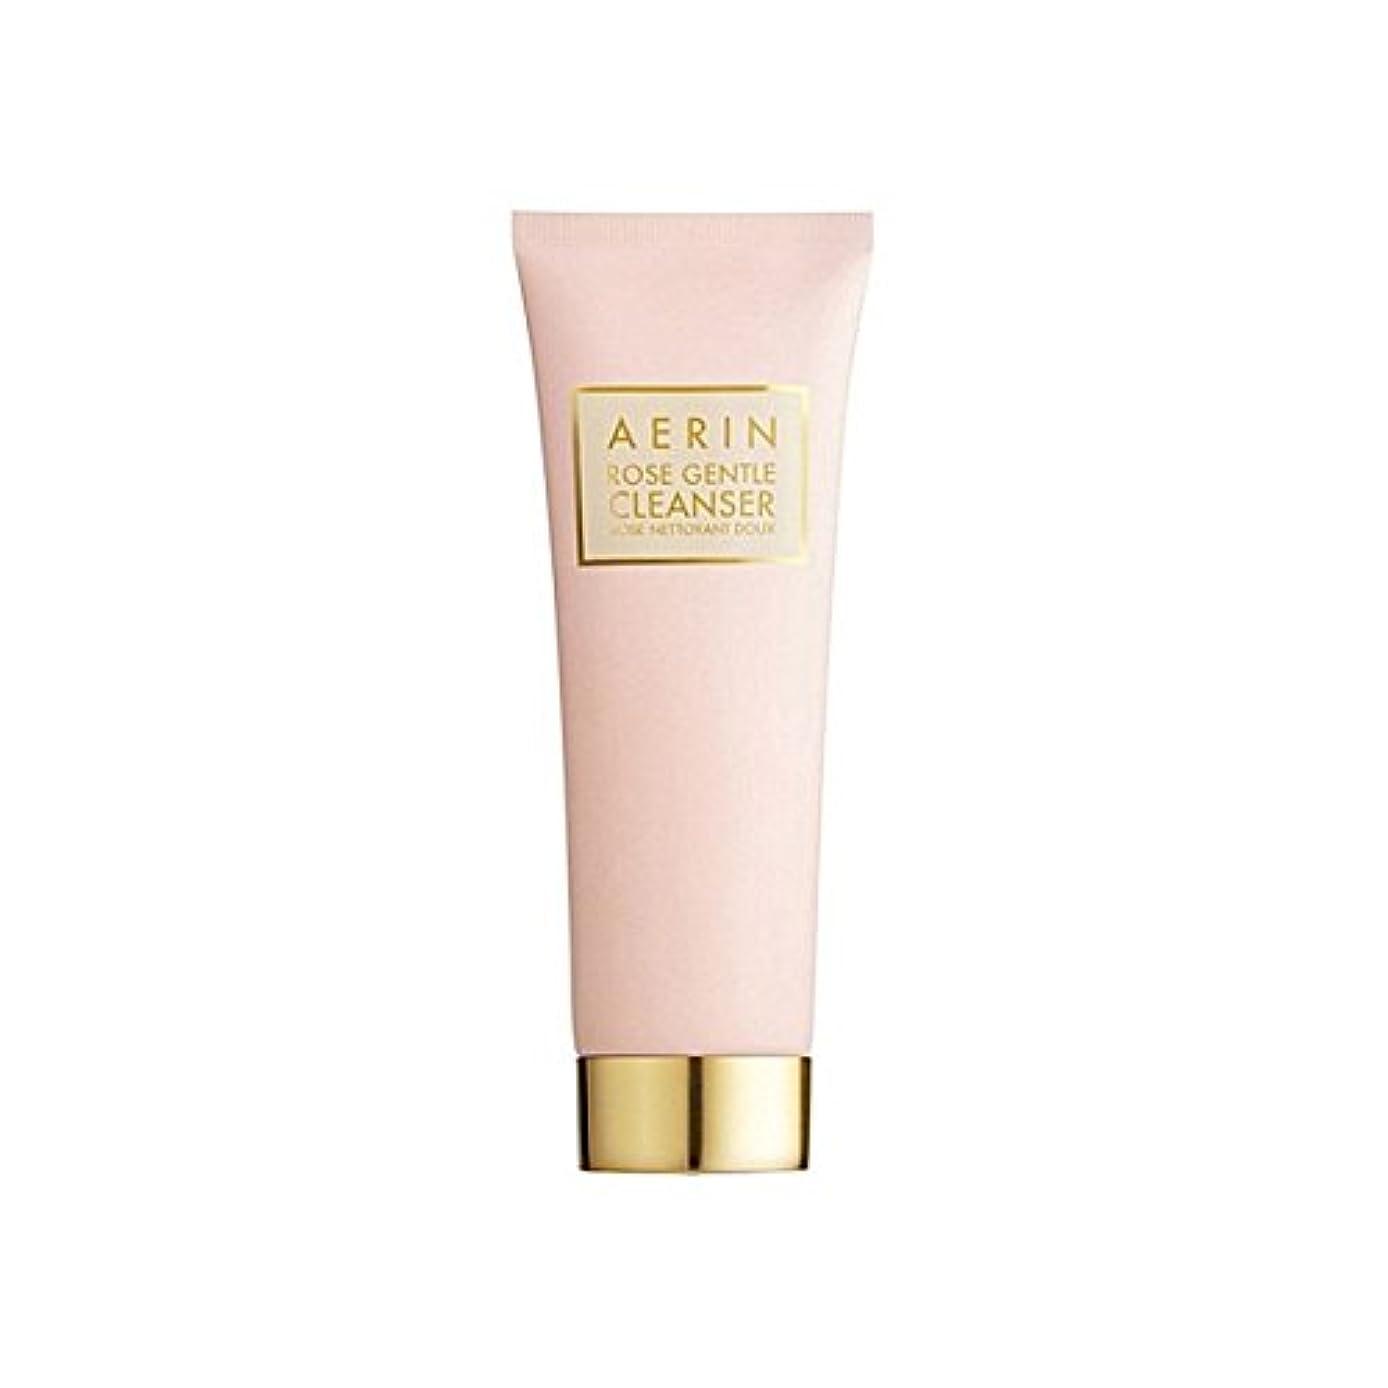 実際に深く葉巻Aerin Rose Gentle Cleanser 125ml - はジェントルクレンザーの125ミリリットルをバラ [並行輸入品]